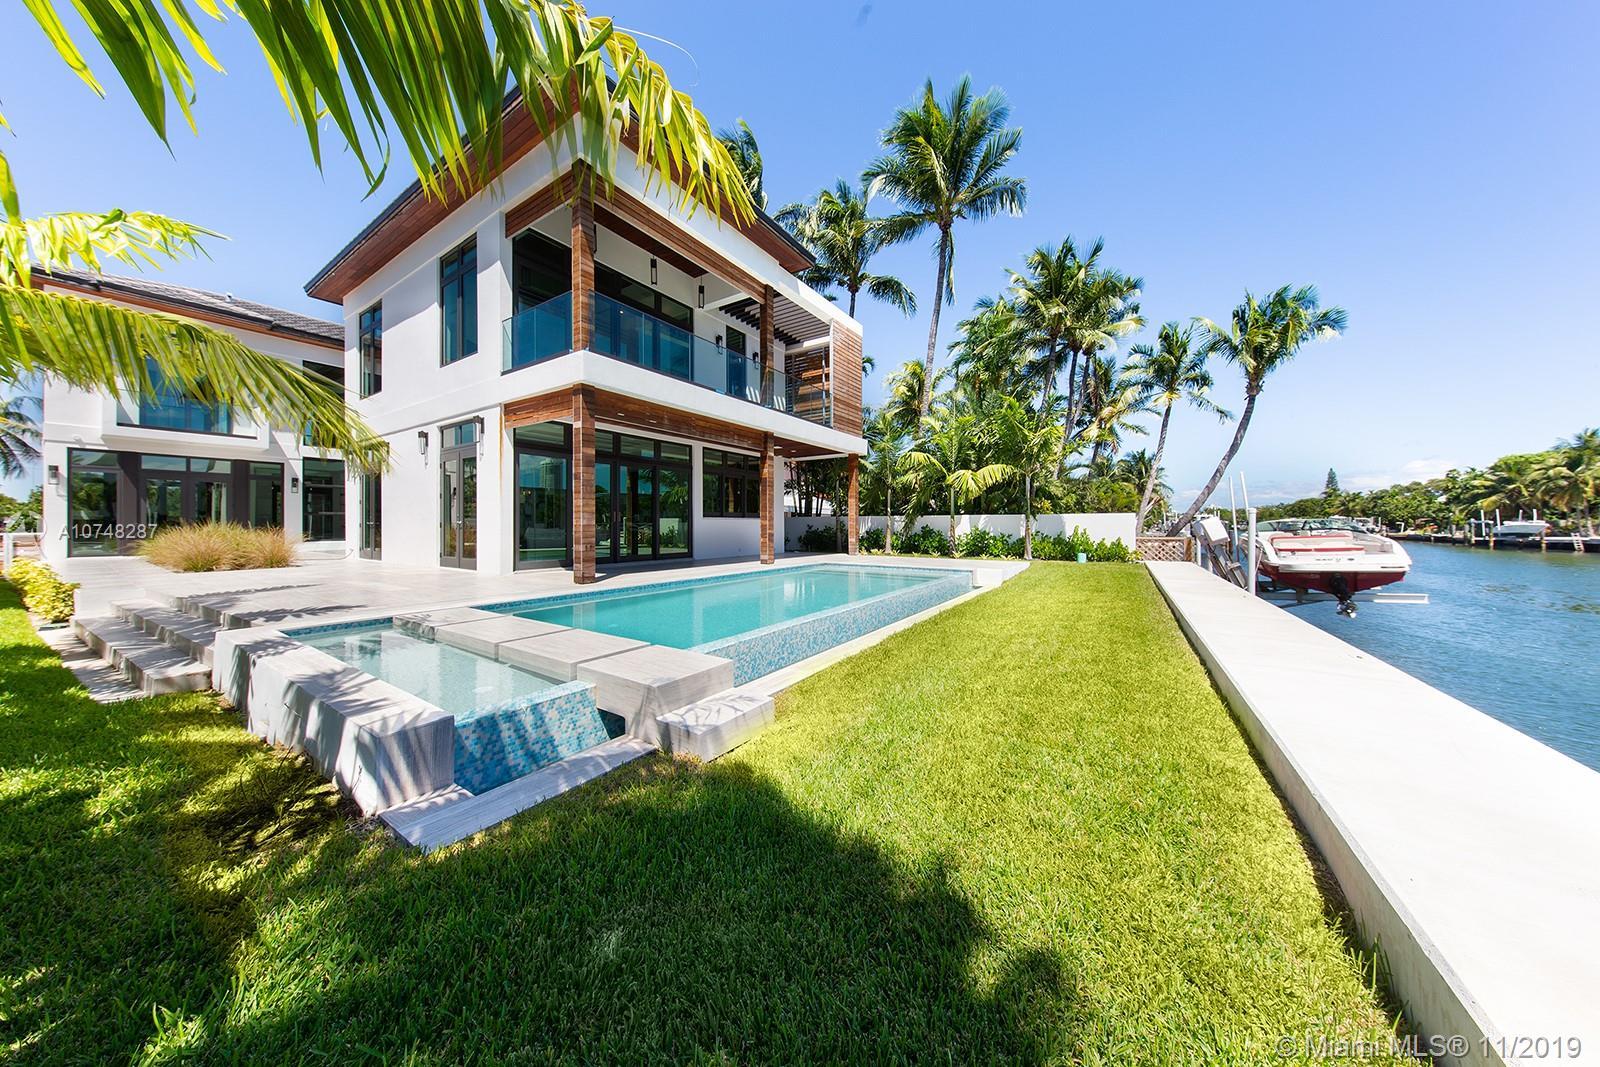 4255 N Meridian Ave Luxury Real Estate